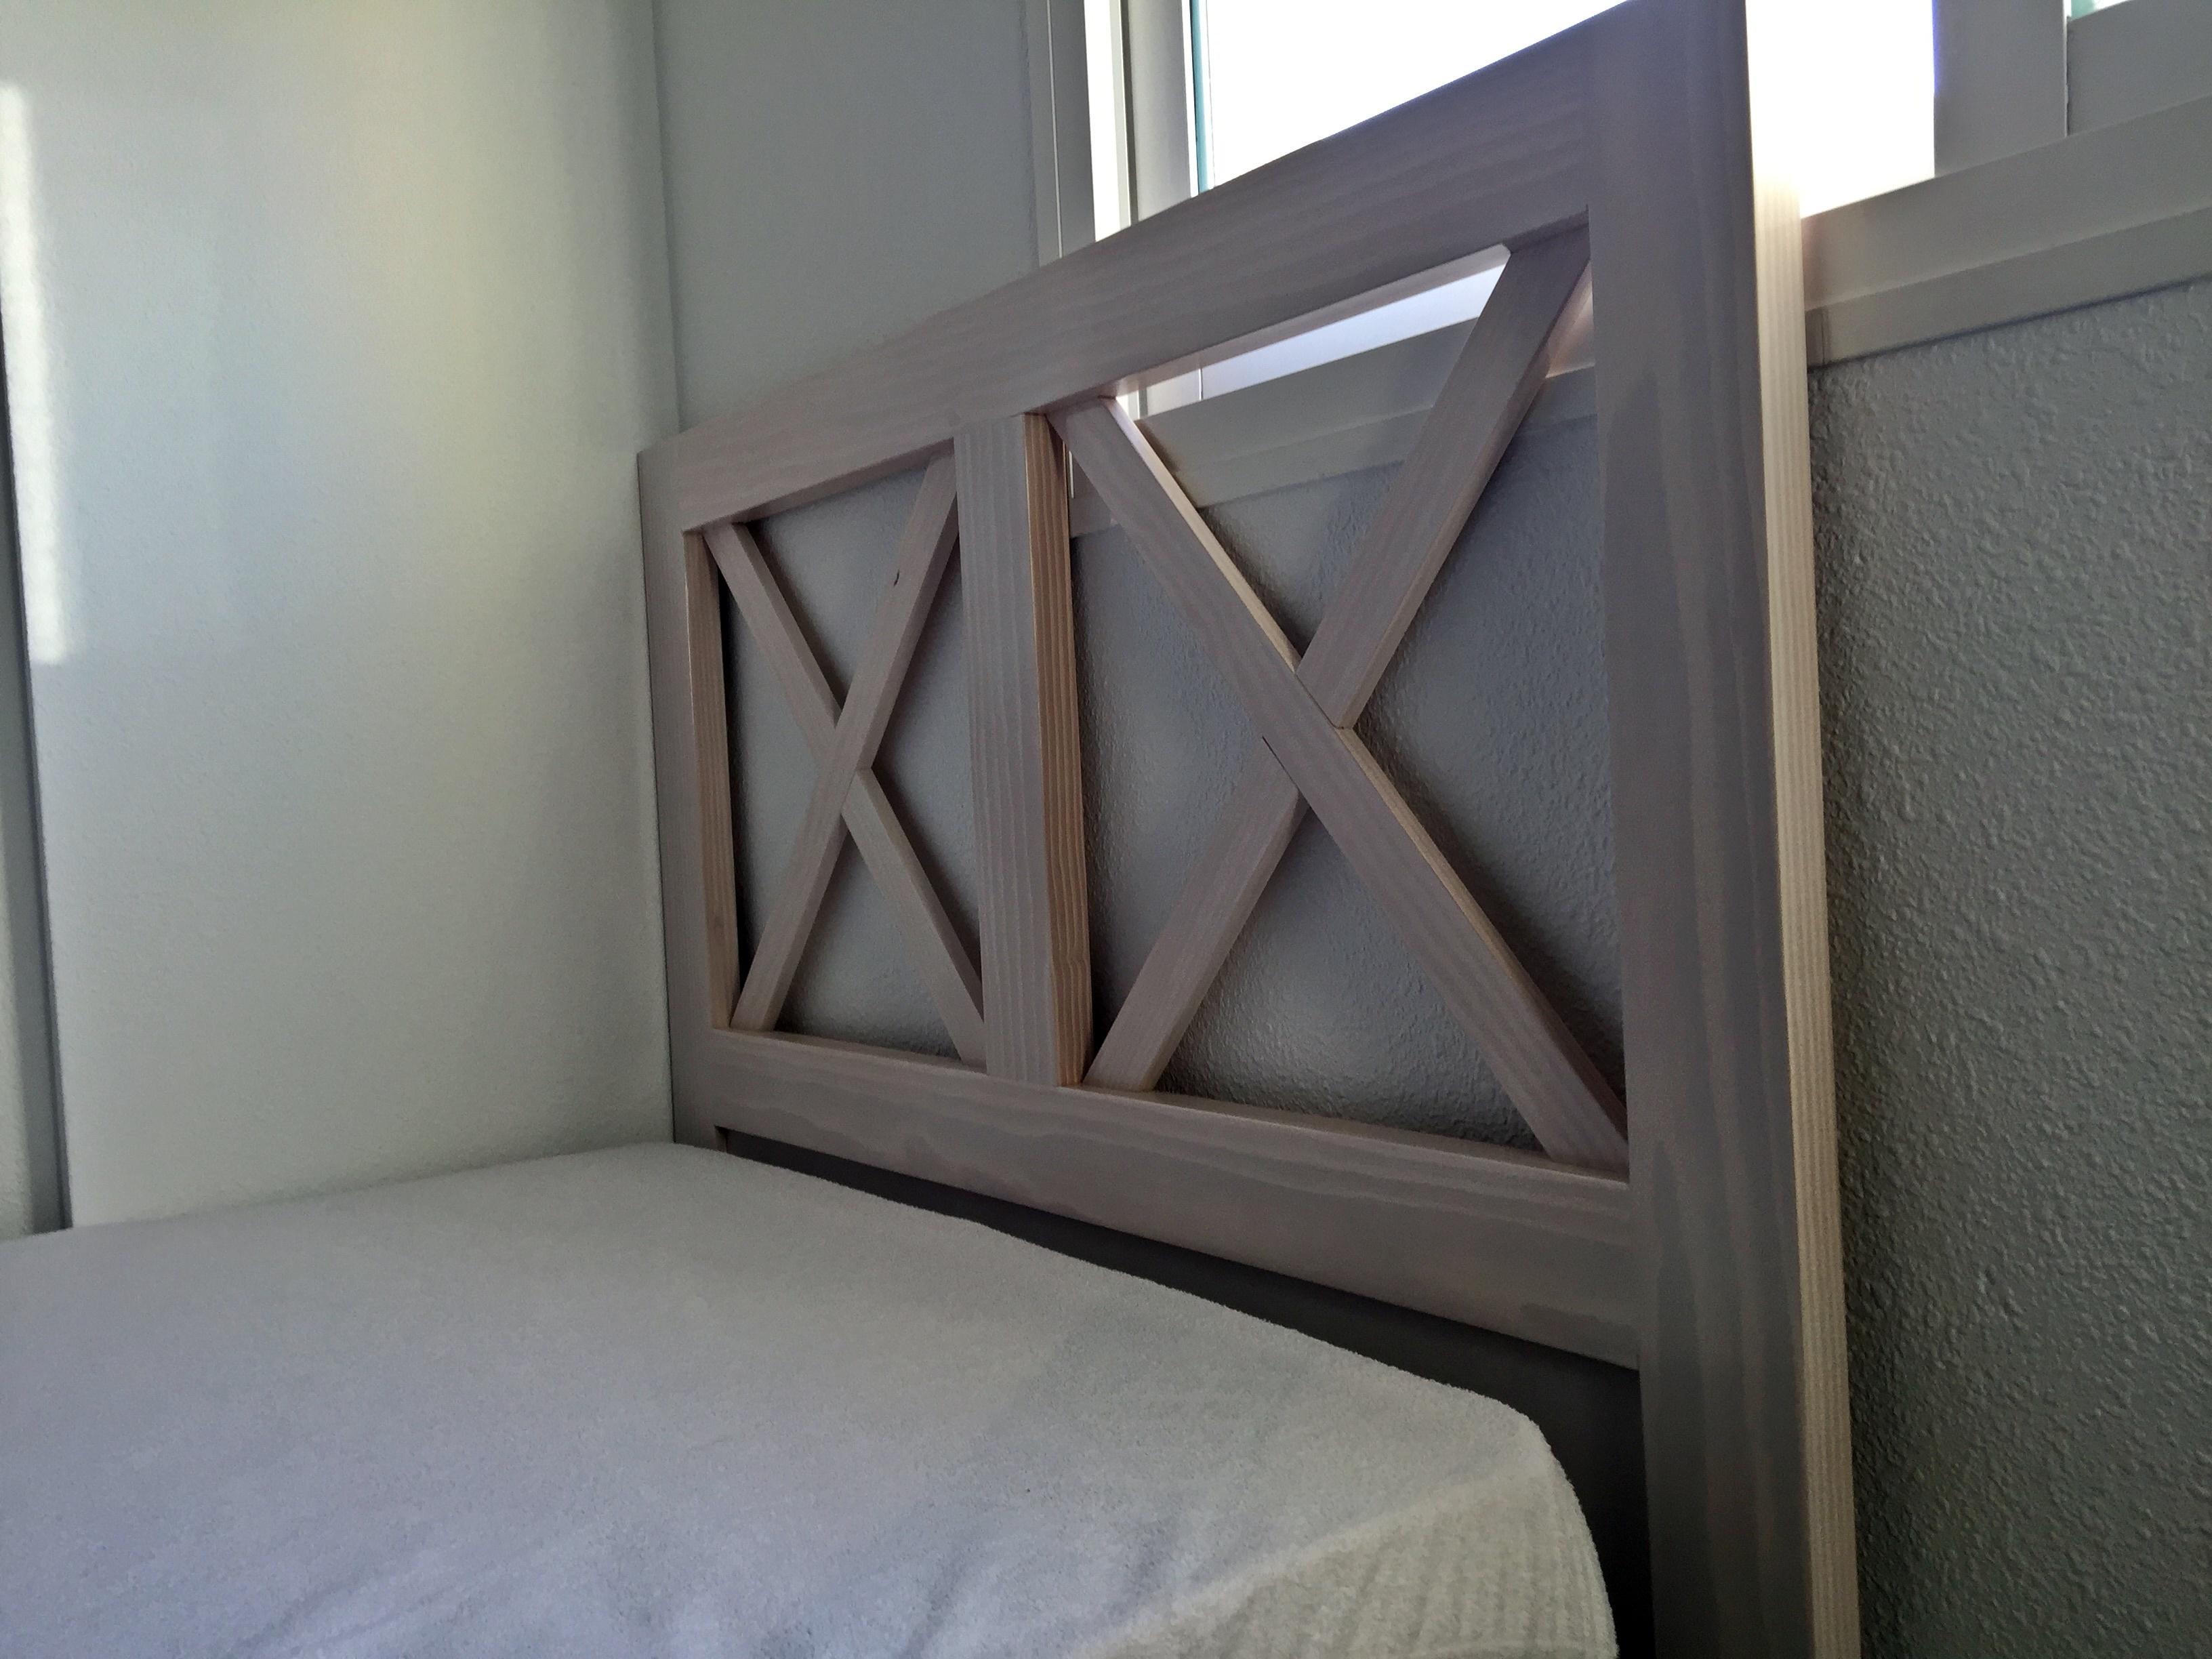 axis carpinteria y diseño badajoz mueble a medida decoracion interiorismo madera handmade  (5)